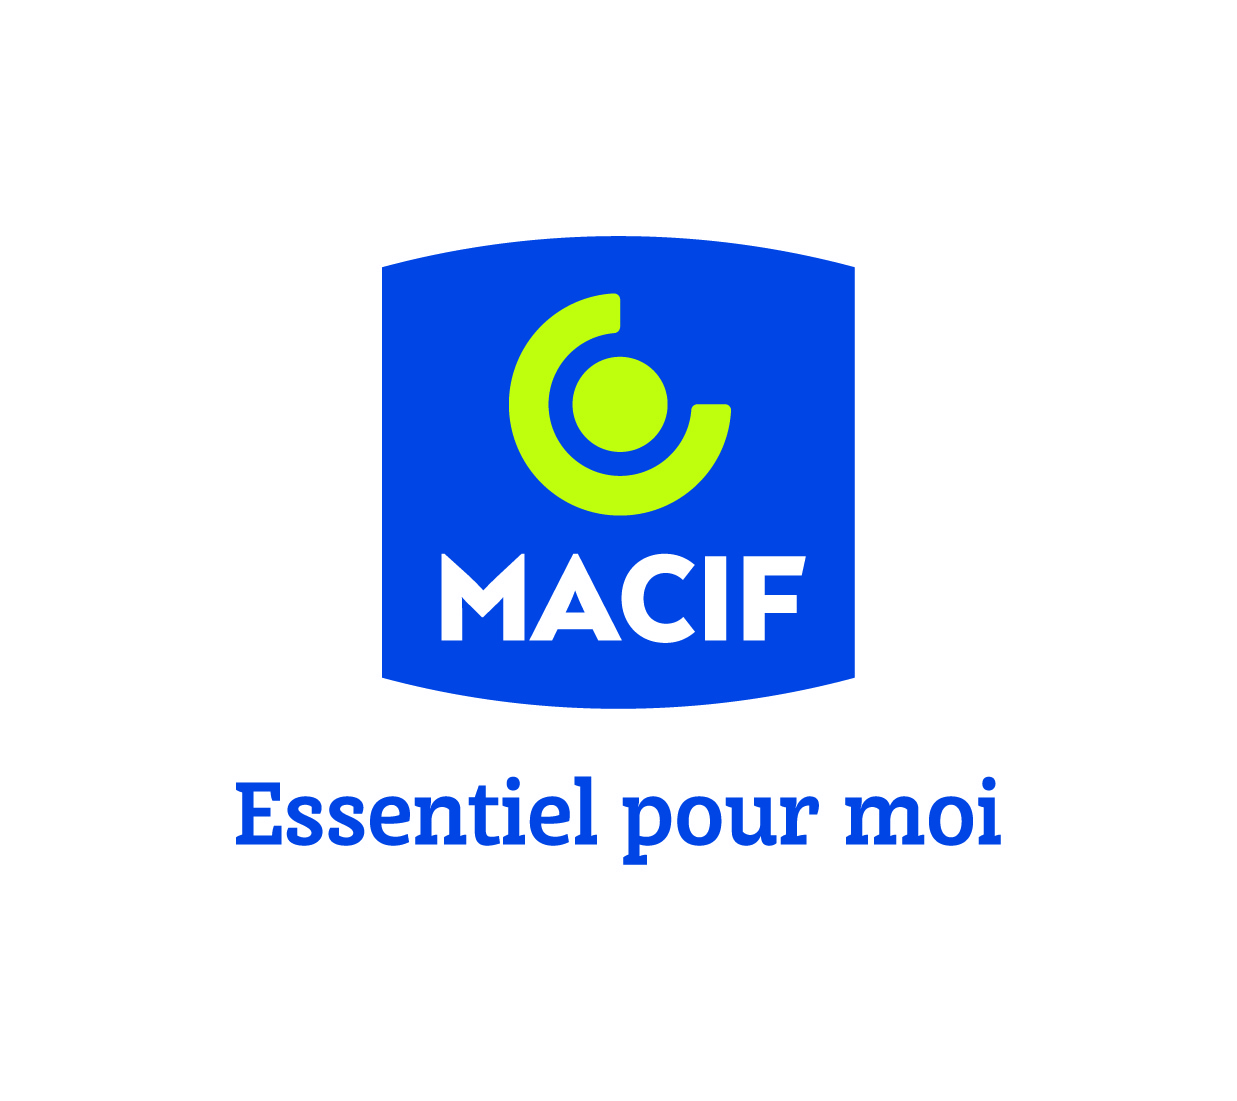 Macif